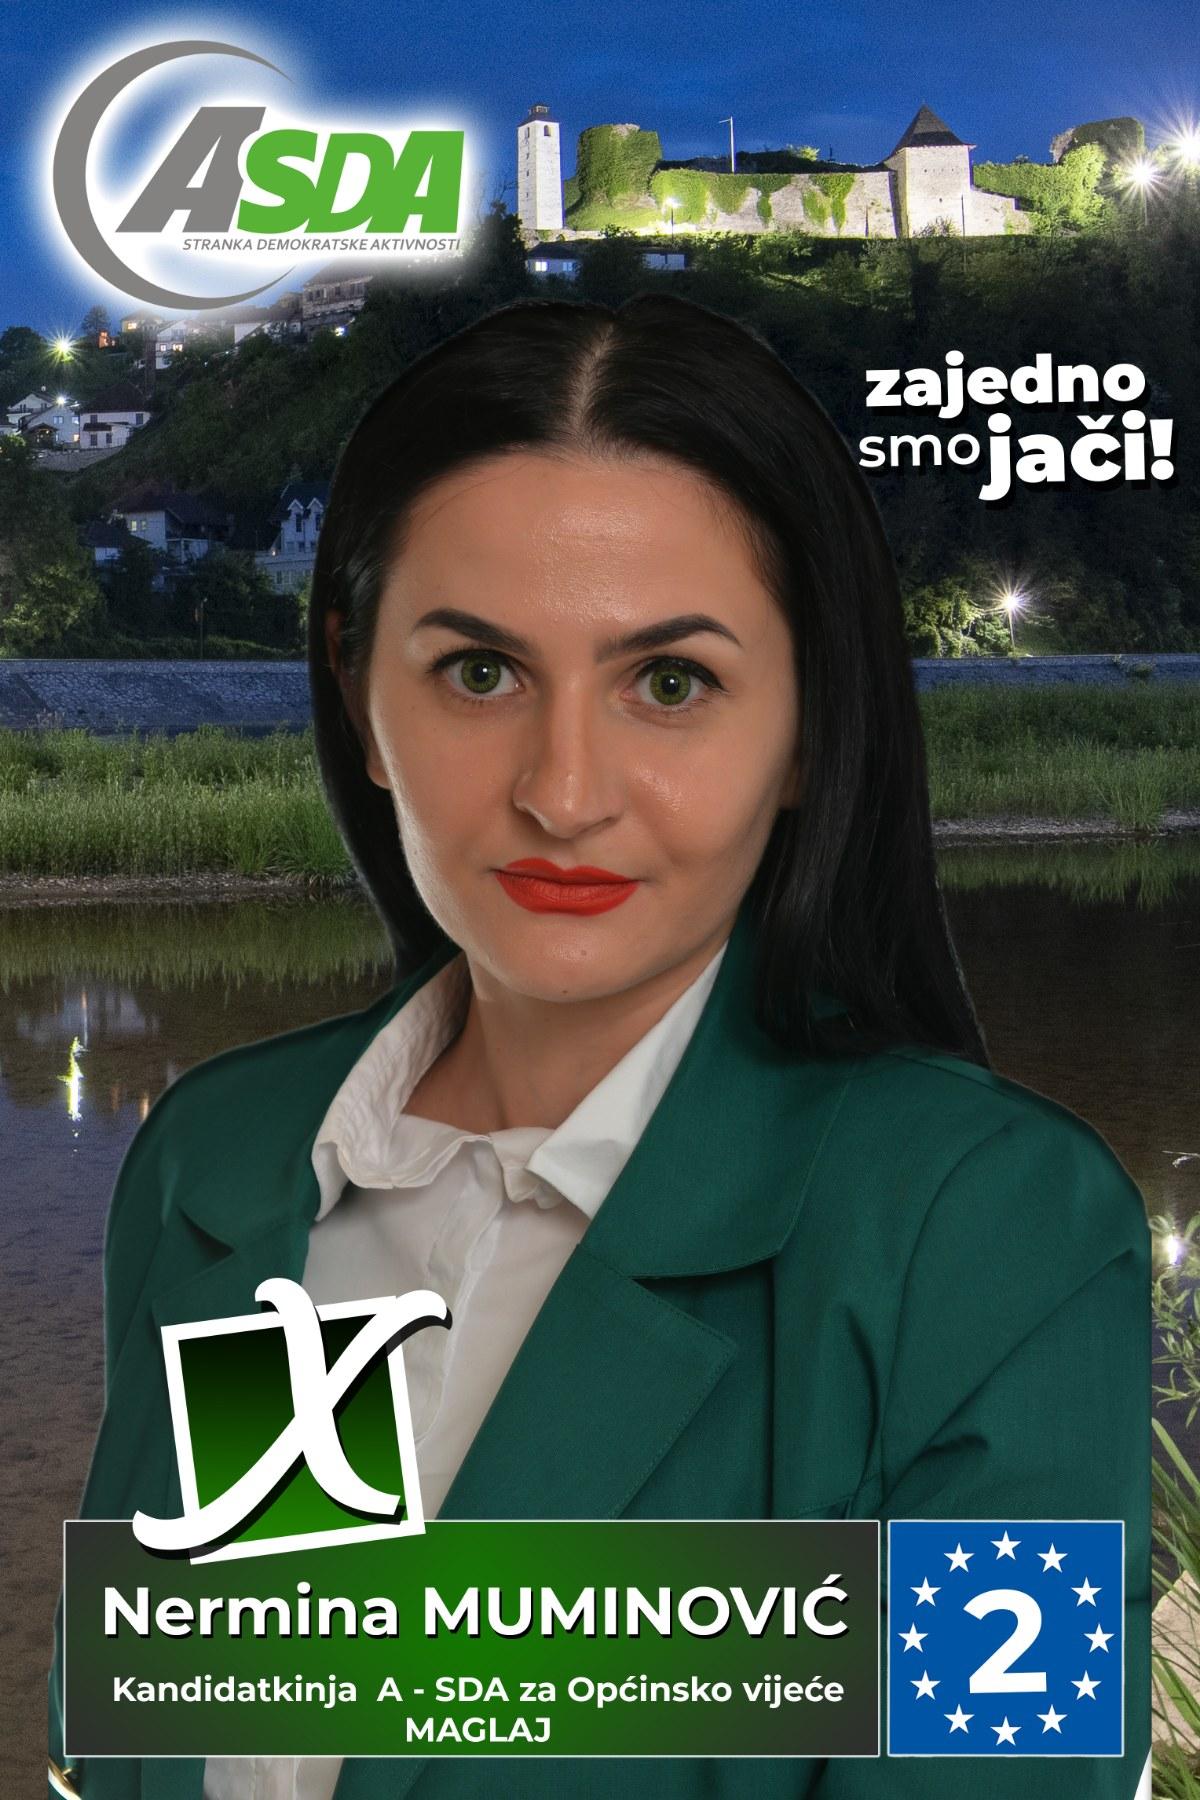 Nermina Muminović